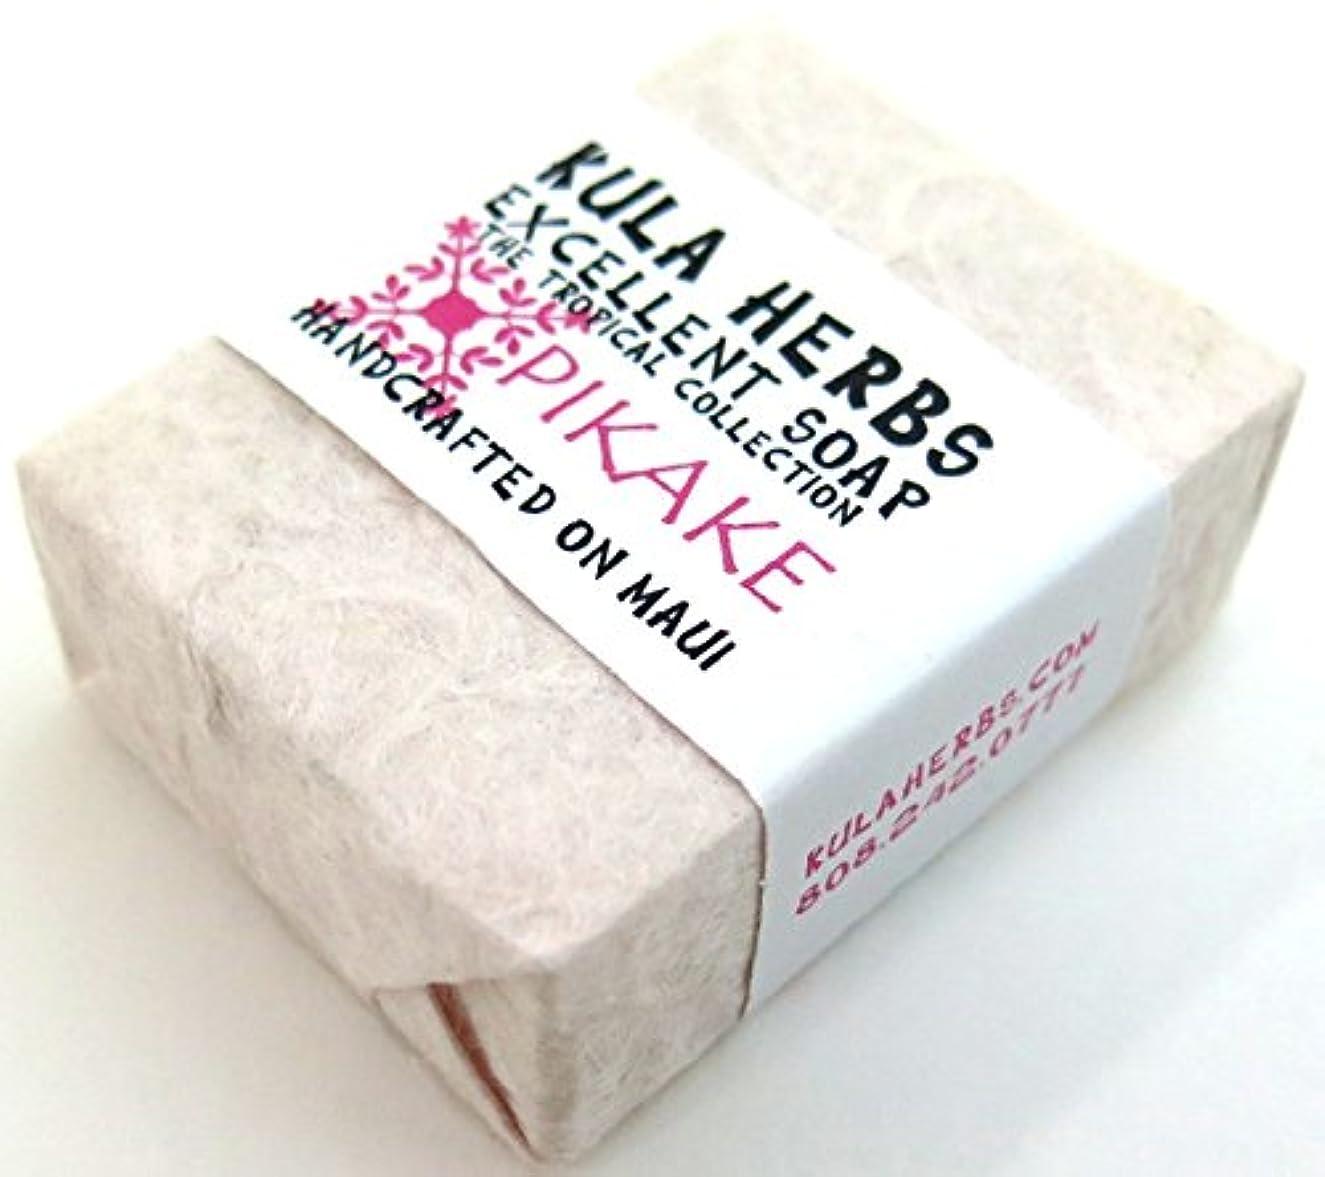 忘れるしないバラエティハワイ お土産 ハワイアン雑貨 クラハーブス エクセレント ソープ 石鹸 30g (ジャスミン)